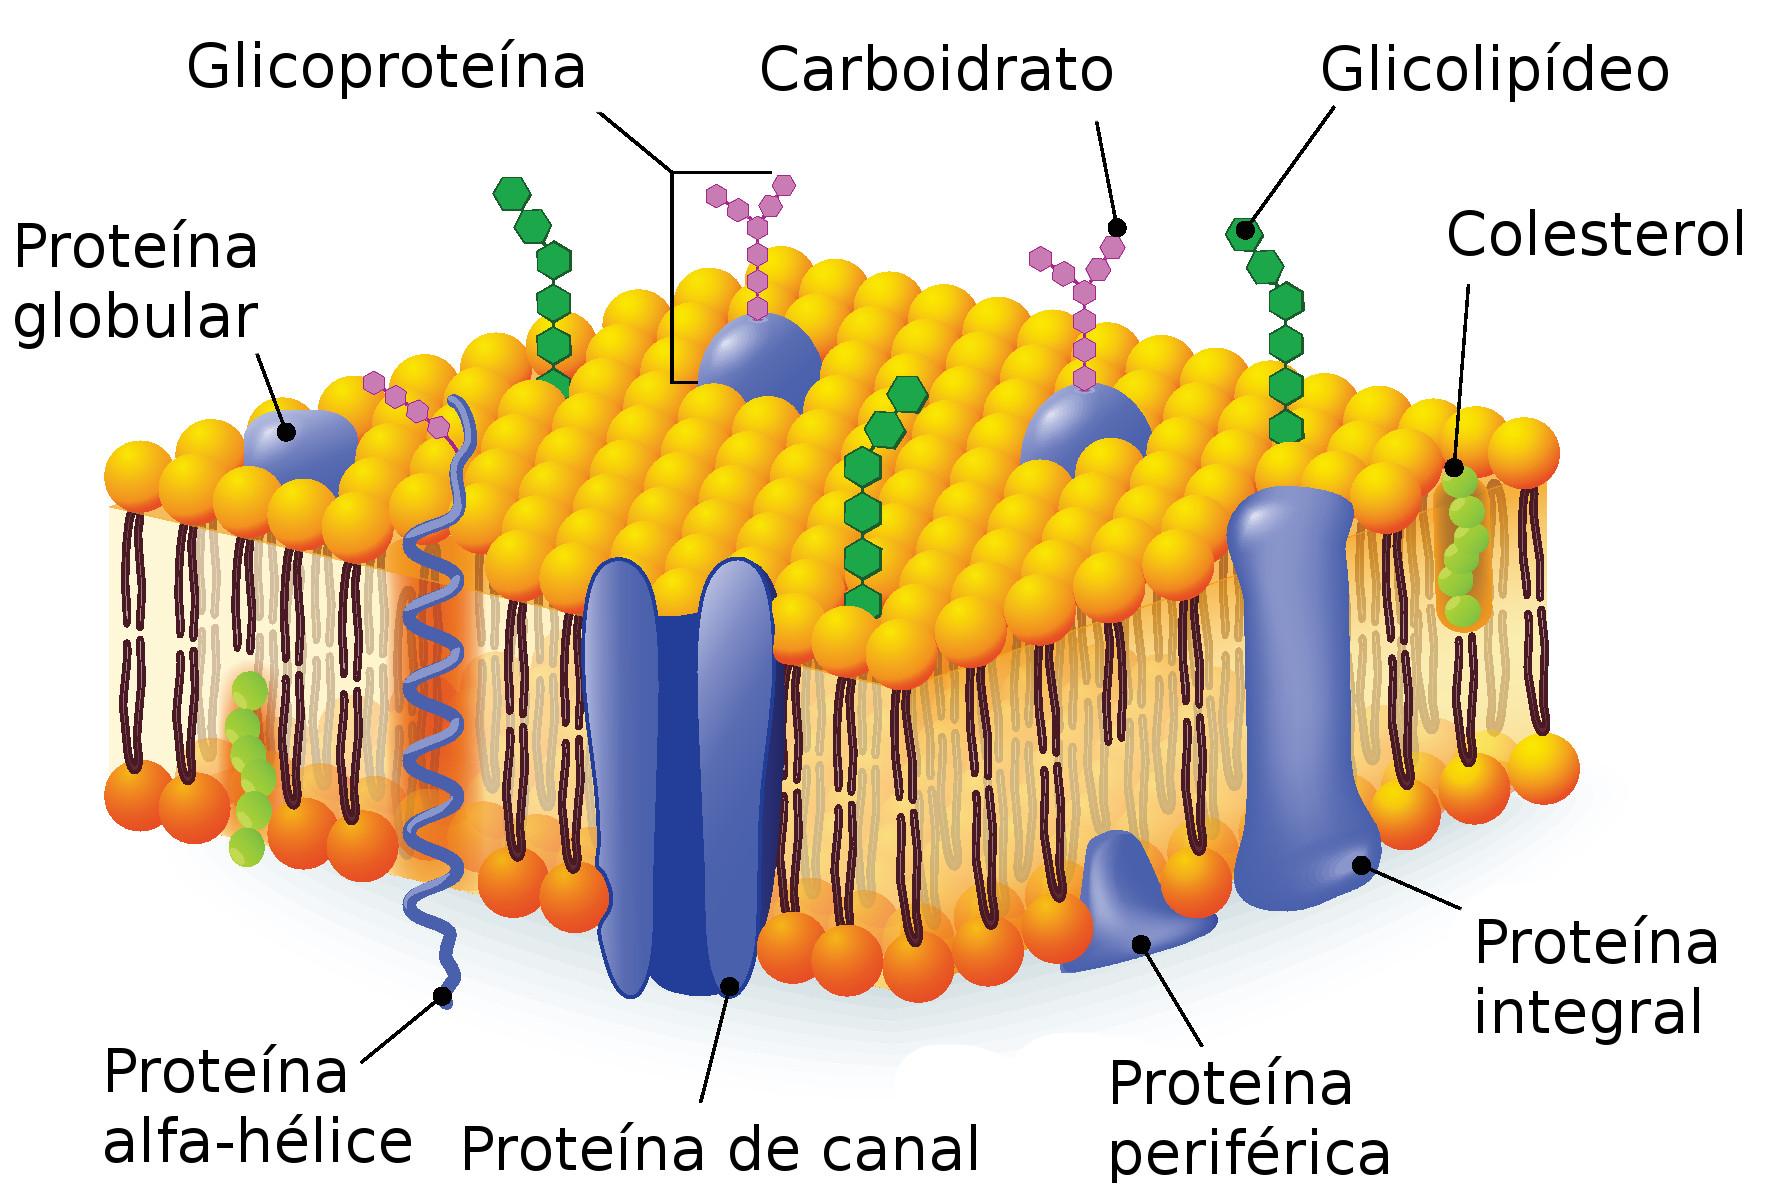 Estrutura da membrana plasmática. Ilustração: Designua / Shutterstock.com [adaptado]